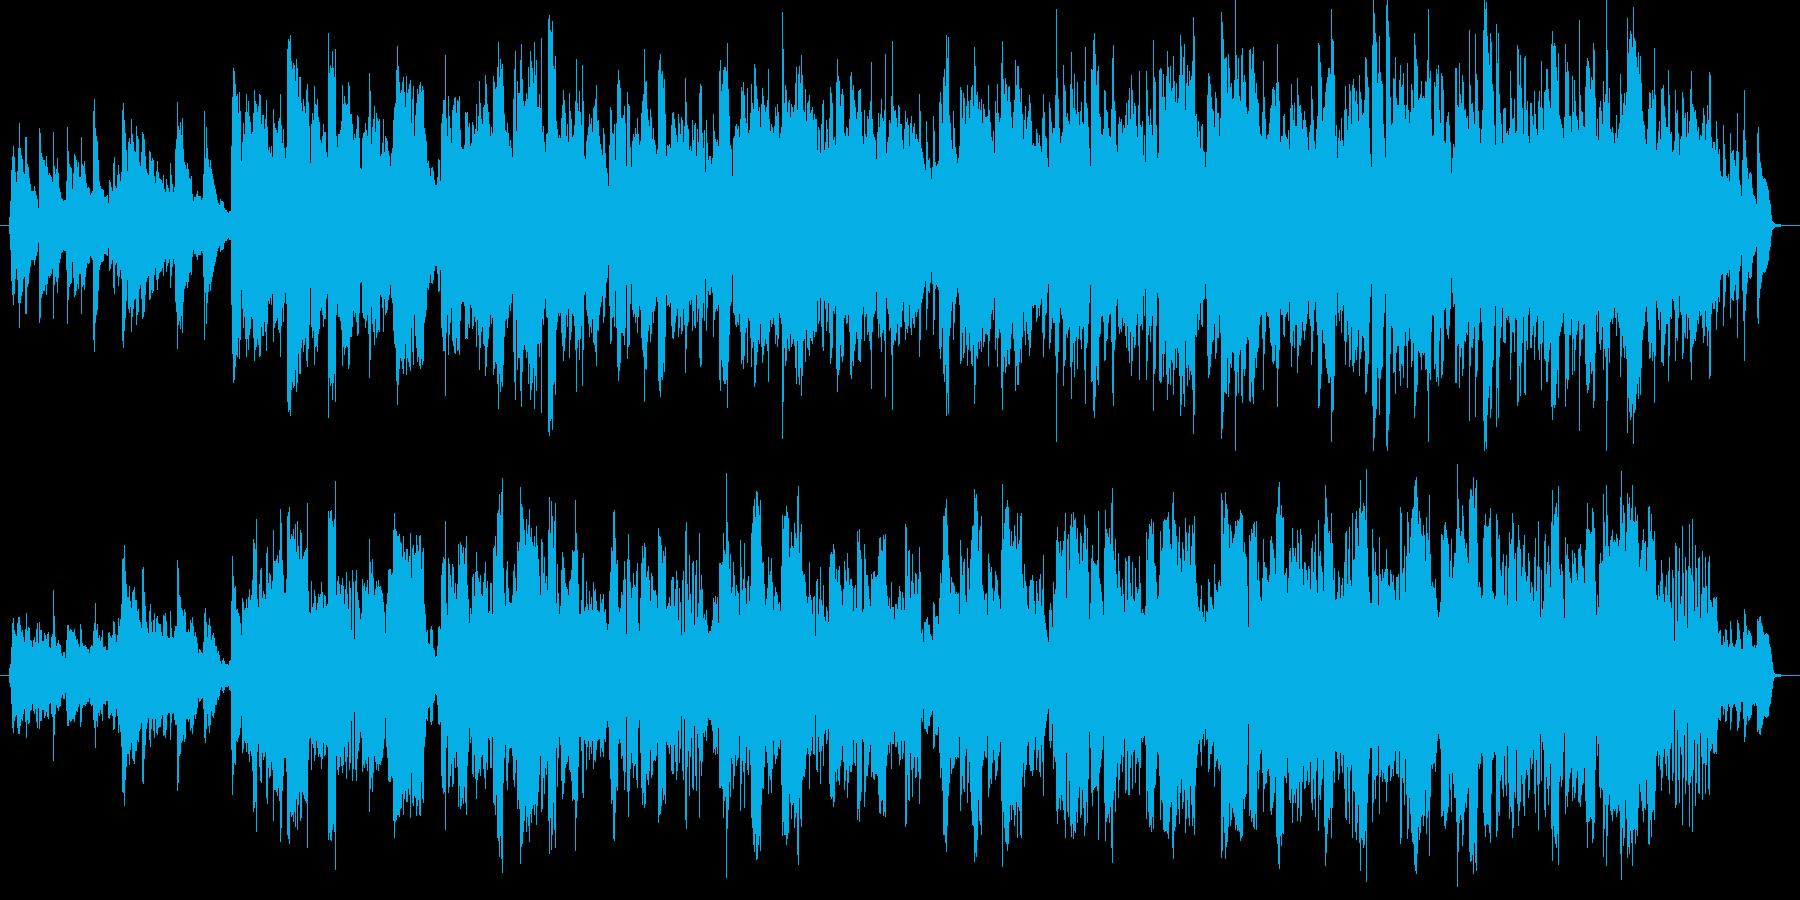 キラキラした雰囲気のJpopバラードの再生済みの波形